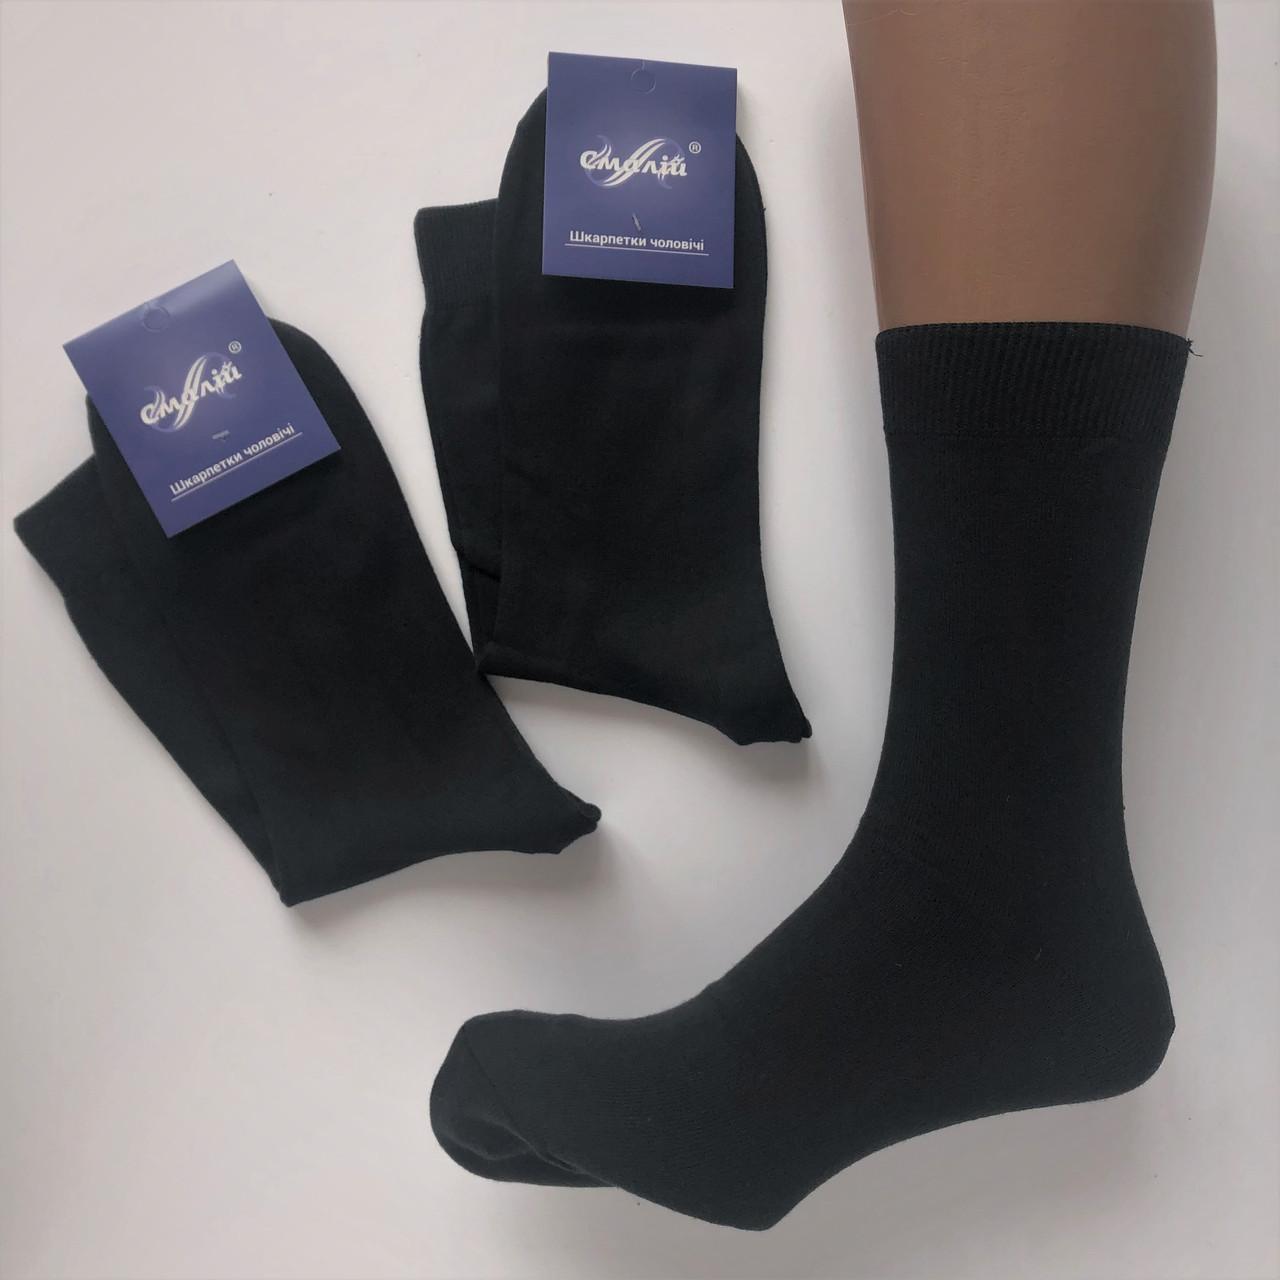 Чоловічі демисезонні шкарпетки Смалій х/б 31